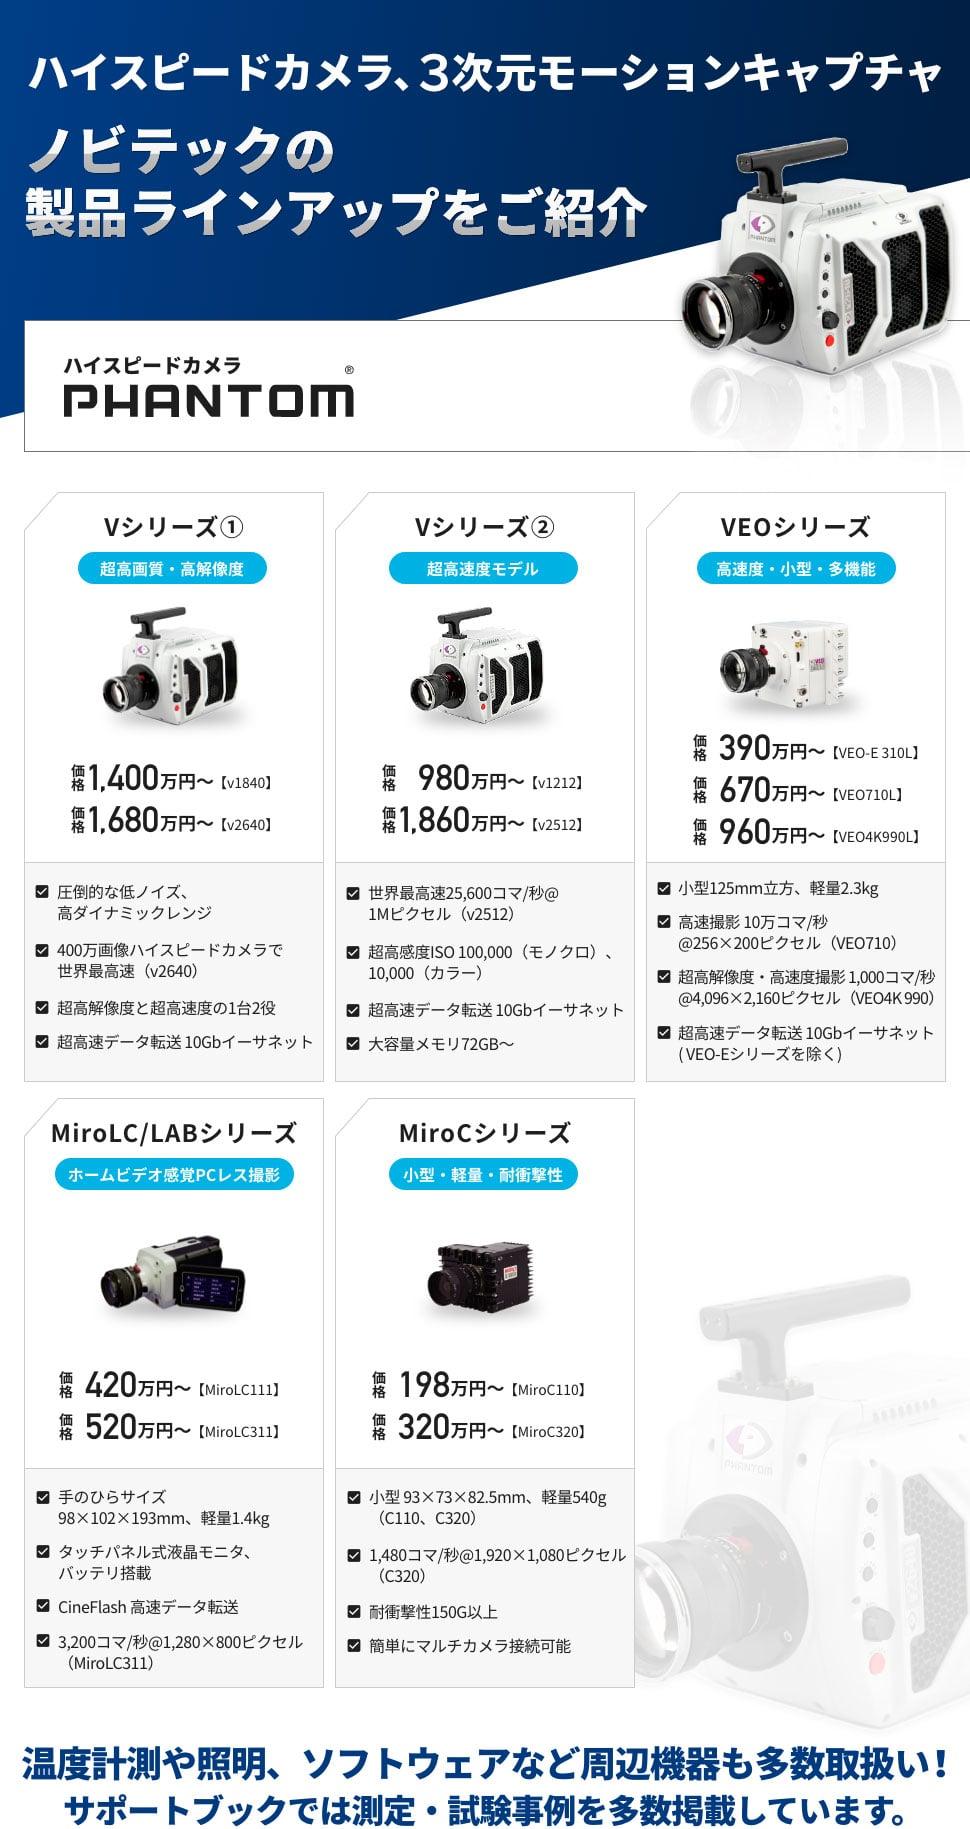 ハイスピードカメラ、3次元モーションキャプチャ。ノビテックの製品ラインアップをご紹介。ハイスピードカメラ「PHANTOM」 温度計測や照明、ソフトウェアなど周辺機器も多数取扱い!サポートブックでは測定・試験事例を多数掲載しています。